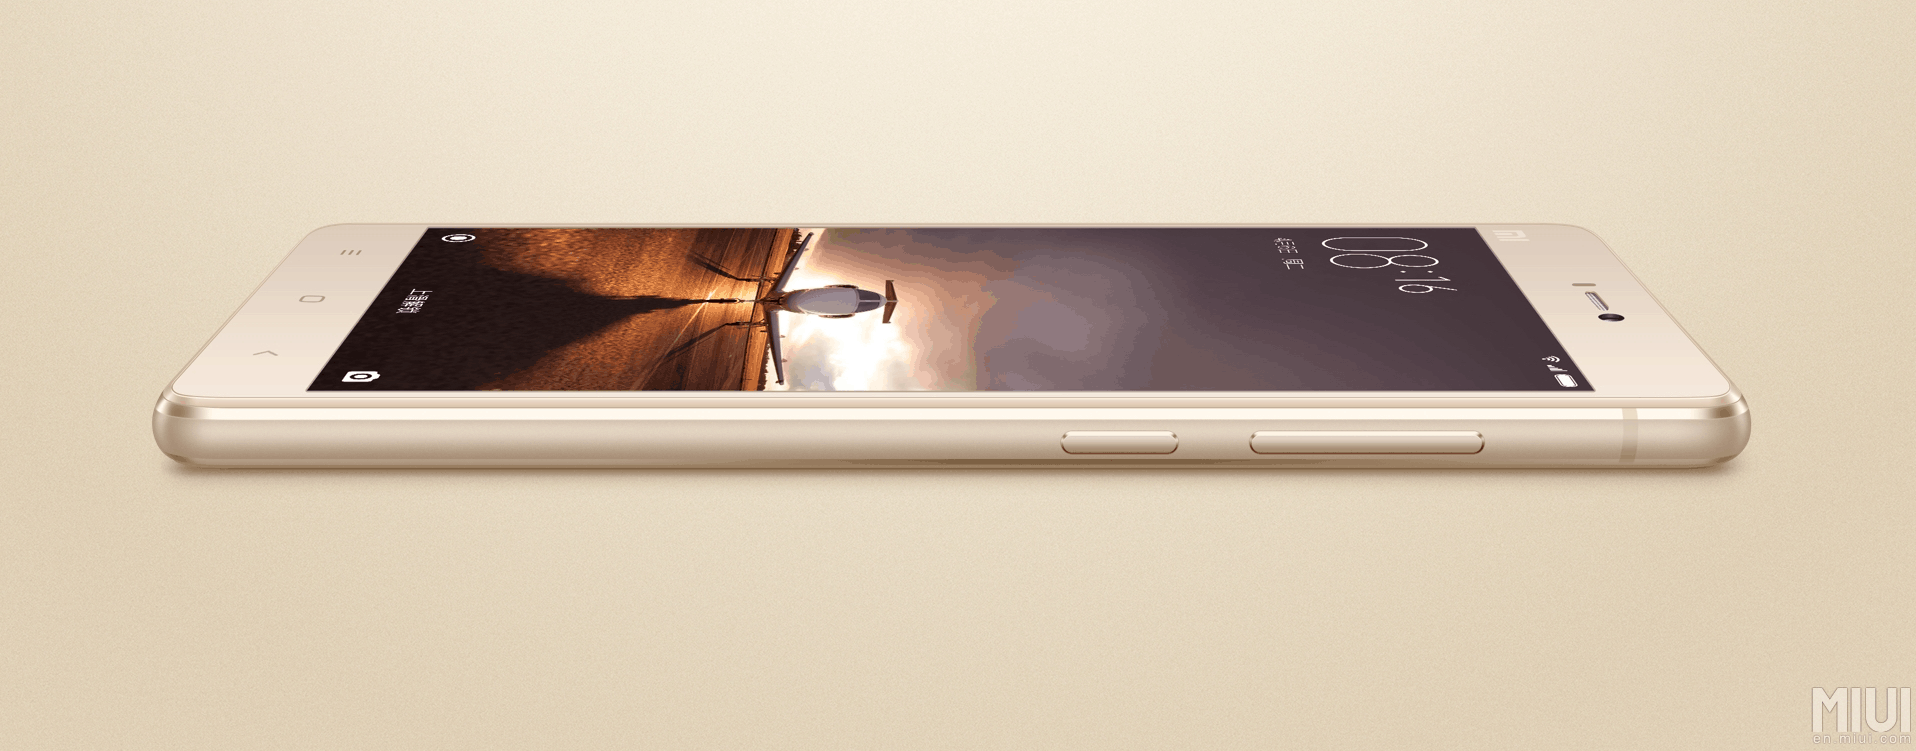 Xiaomi Mi 4S_4